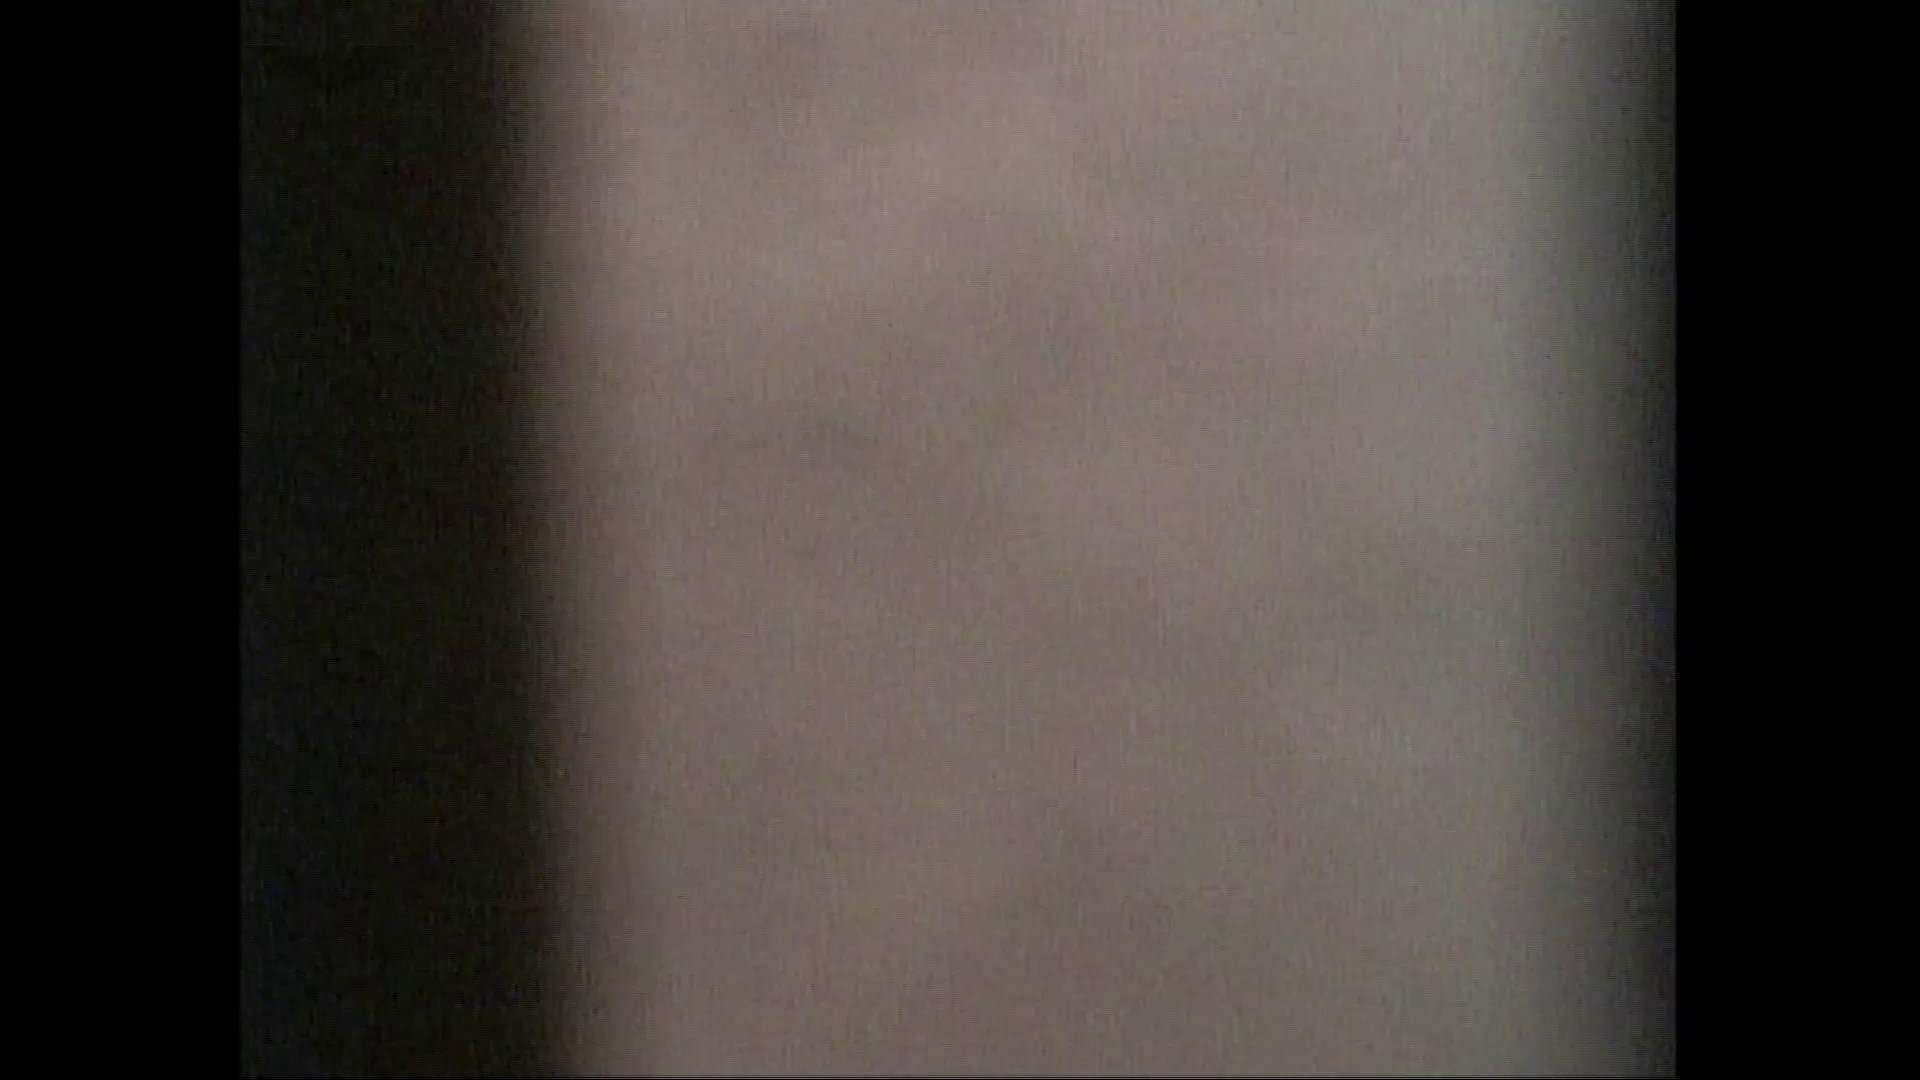 隙間からノゾク風呂 Vol.28 色白のロングヘアー美人がワシャワシャと。 美人  104pic 84